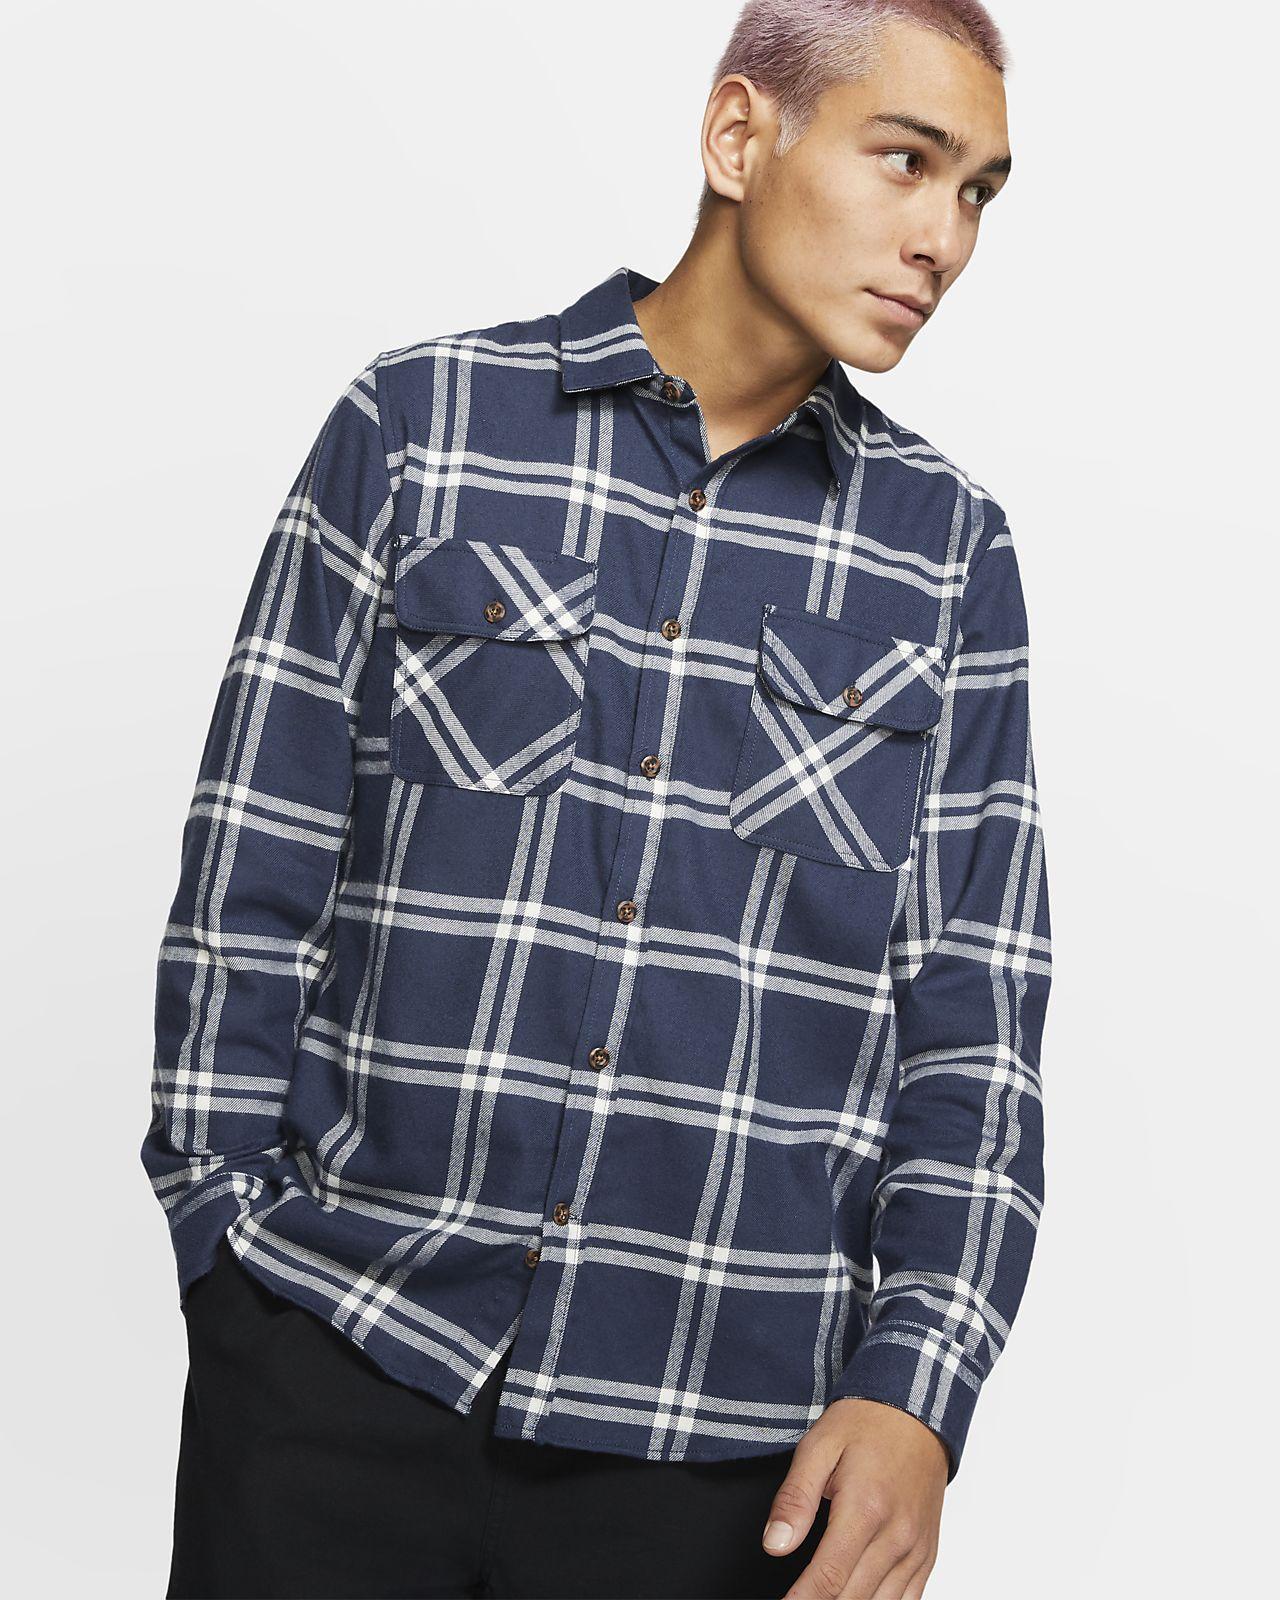 Långärmad tröja Hurley Dri-FIT Salinger för män